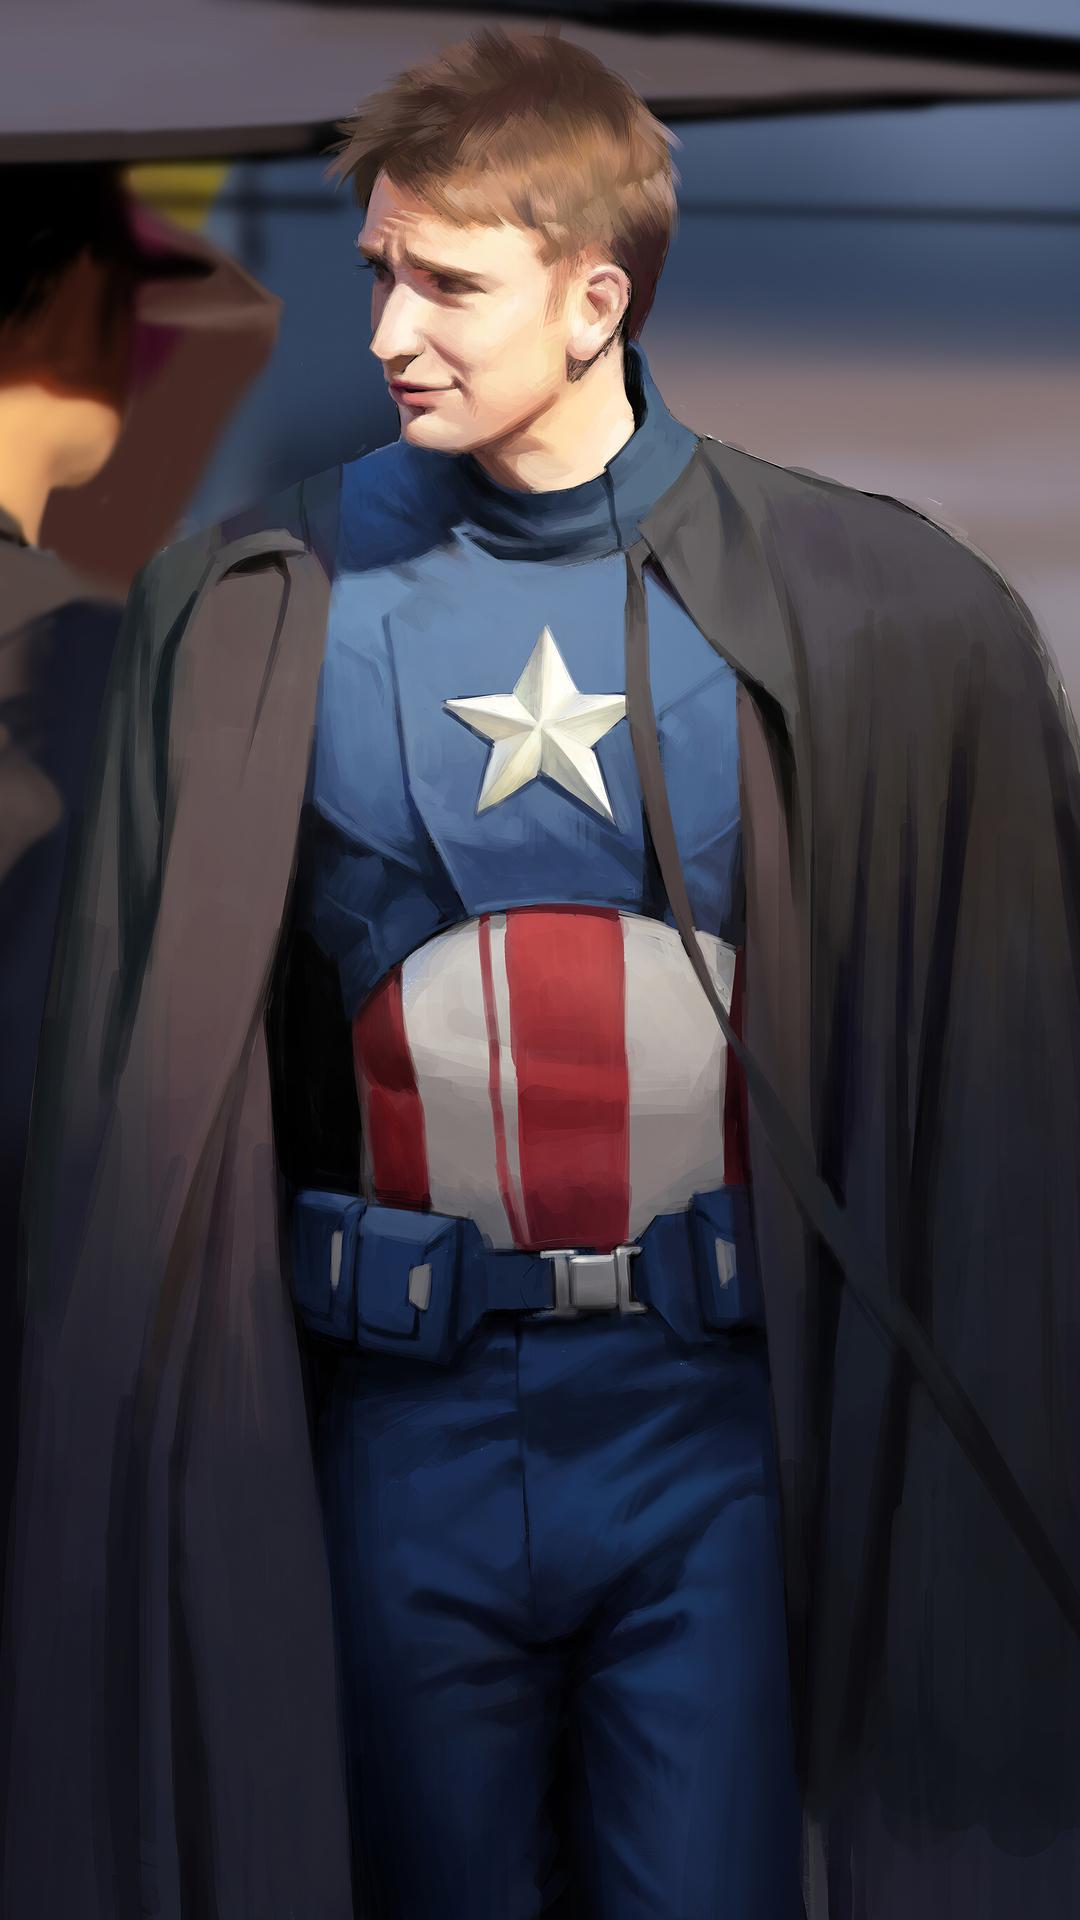 captain-america-digital-art-4k-1b.jpg